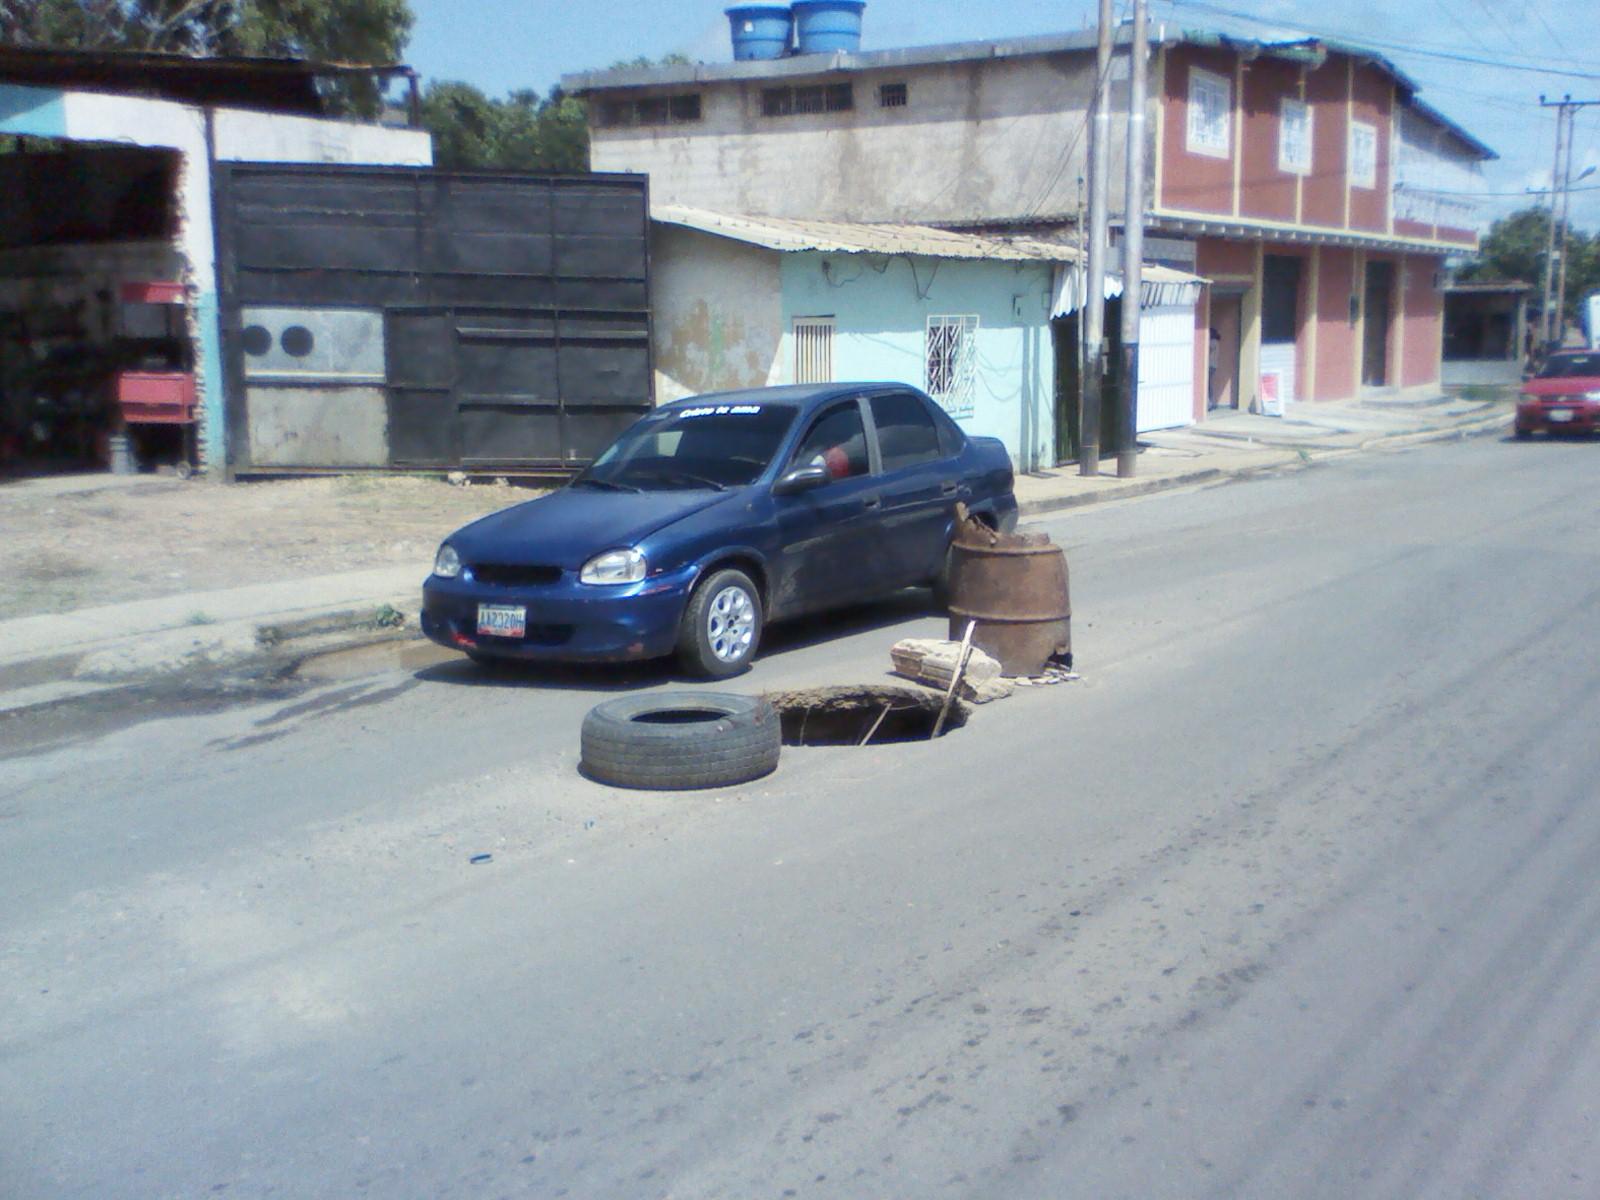 Adyacente a la calle Guaicaipuro la red de aguas servidas colapsó ocasionando el socavamiento y hundimiento de la capa asfáltica